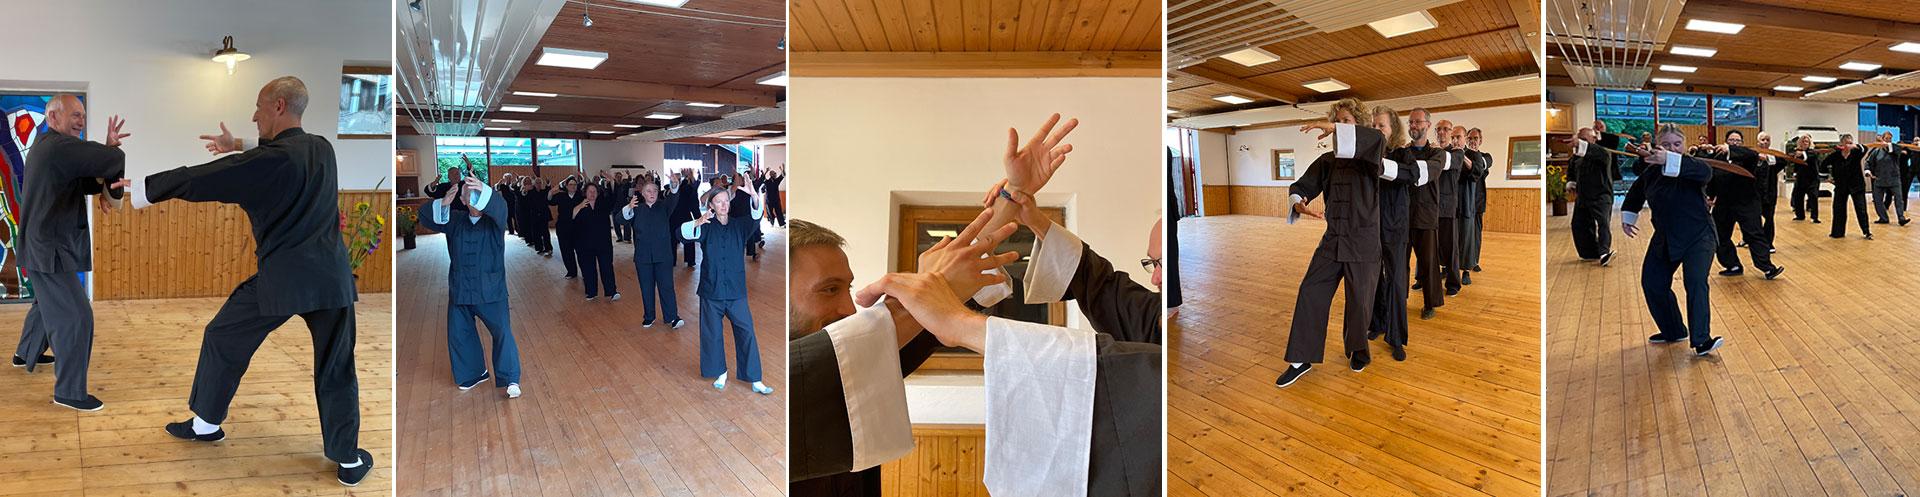 Richard Sämmer und Werner Broch, Demonstration Tai Chi; Foto: Christine Rühmer